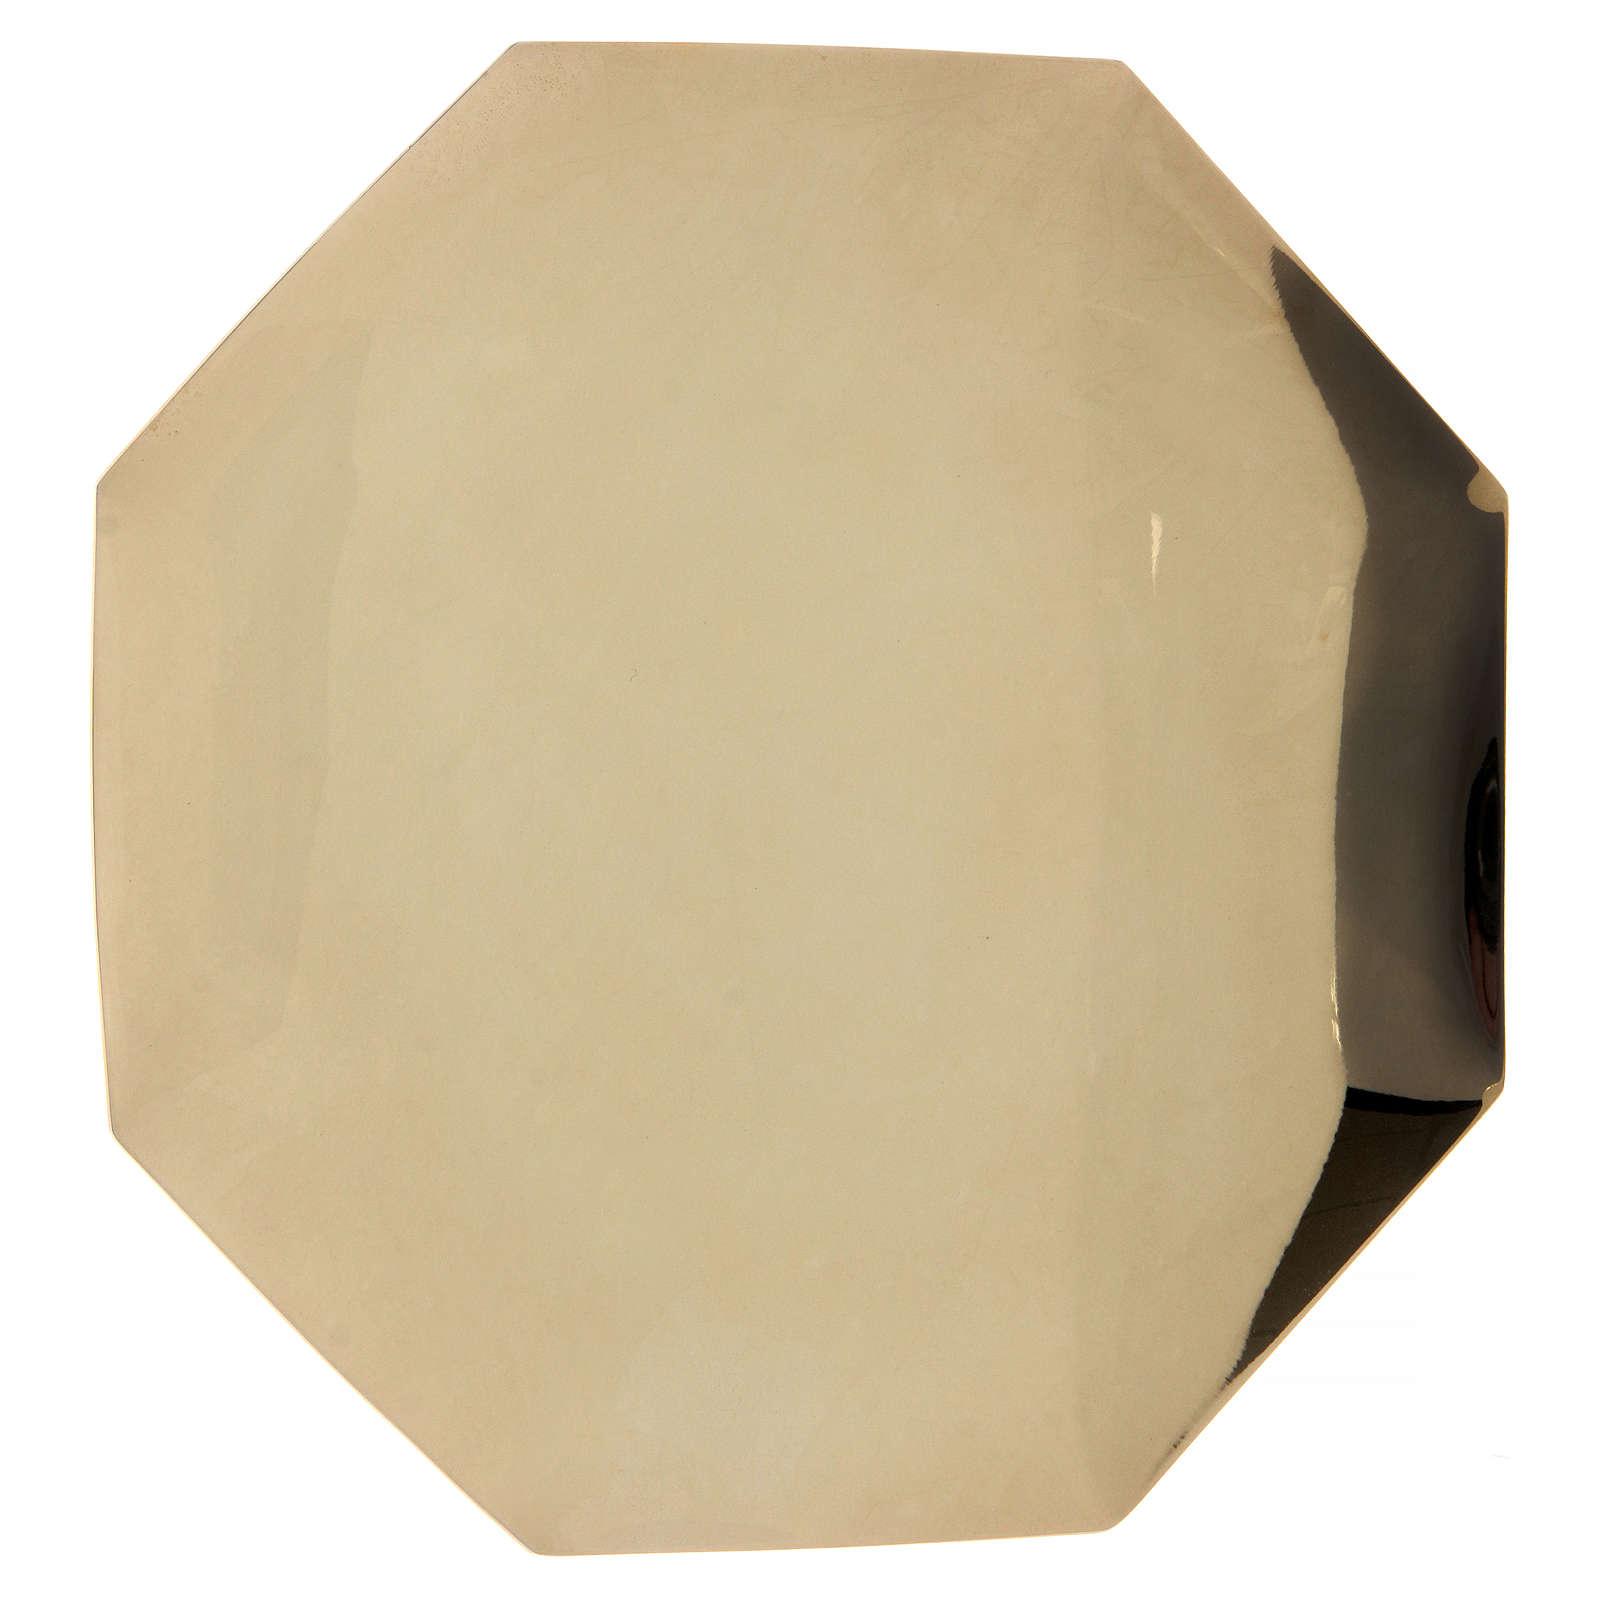 Patena octogonal Forma Fluens latão dourado e prateado diâmetro 20,5 cm 4